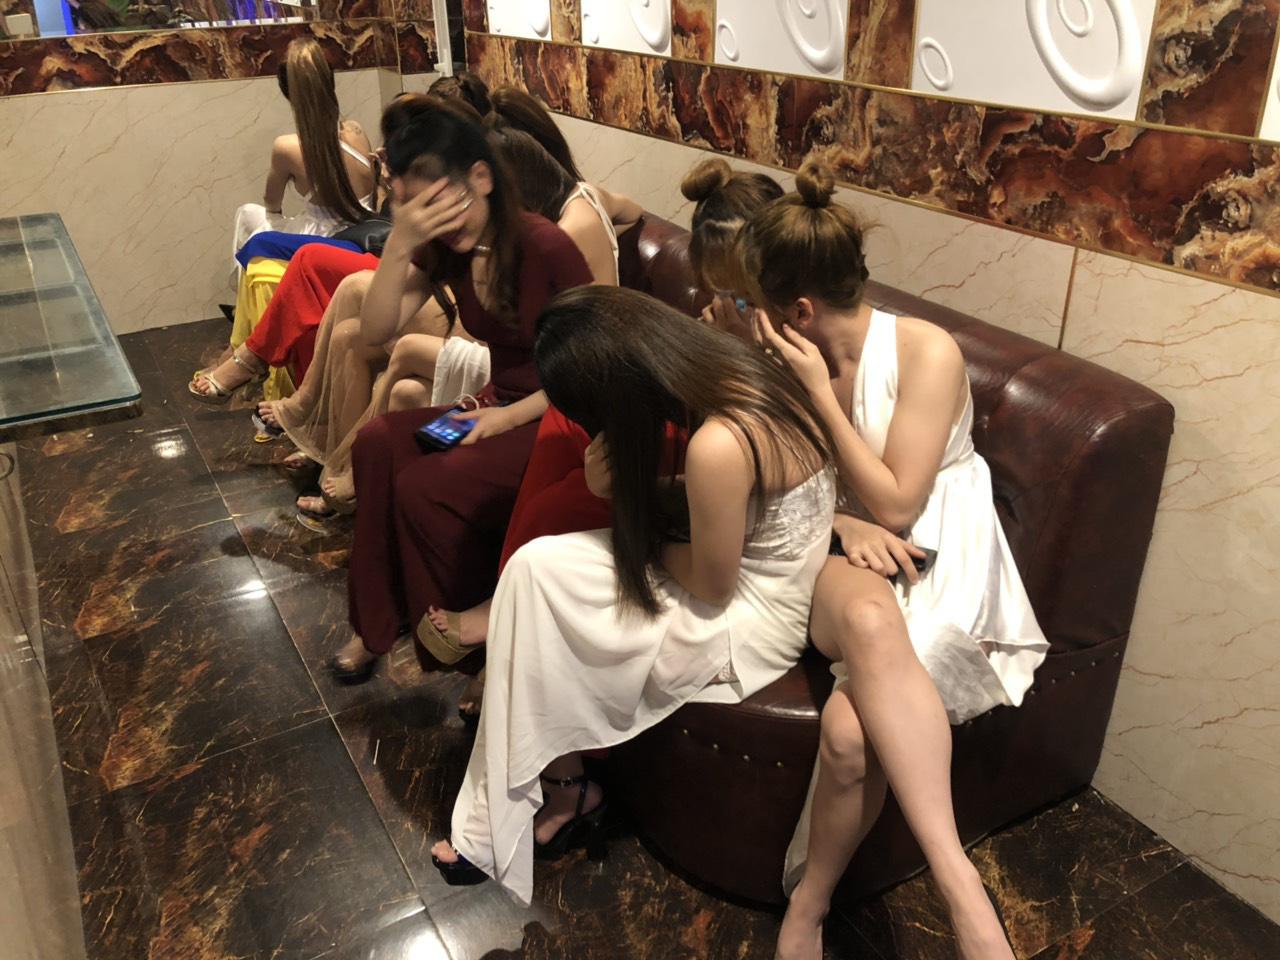 Gần 90 dân chơi dương tính với ma tuý trong quán karaoke ở Sài Gòn - Ảnh 3.